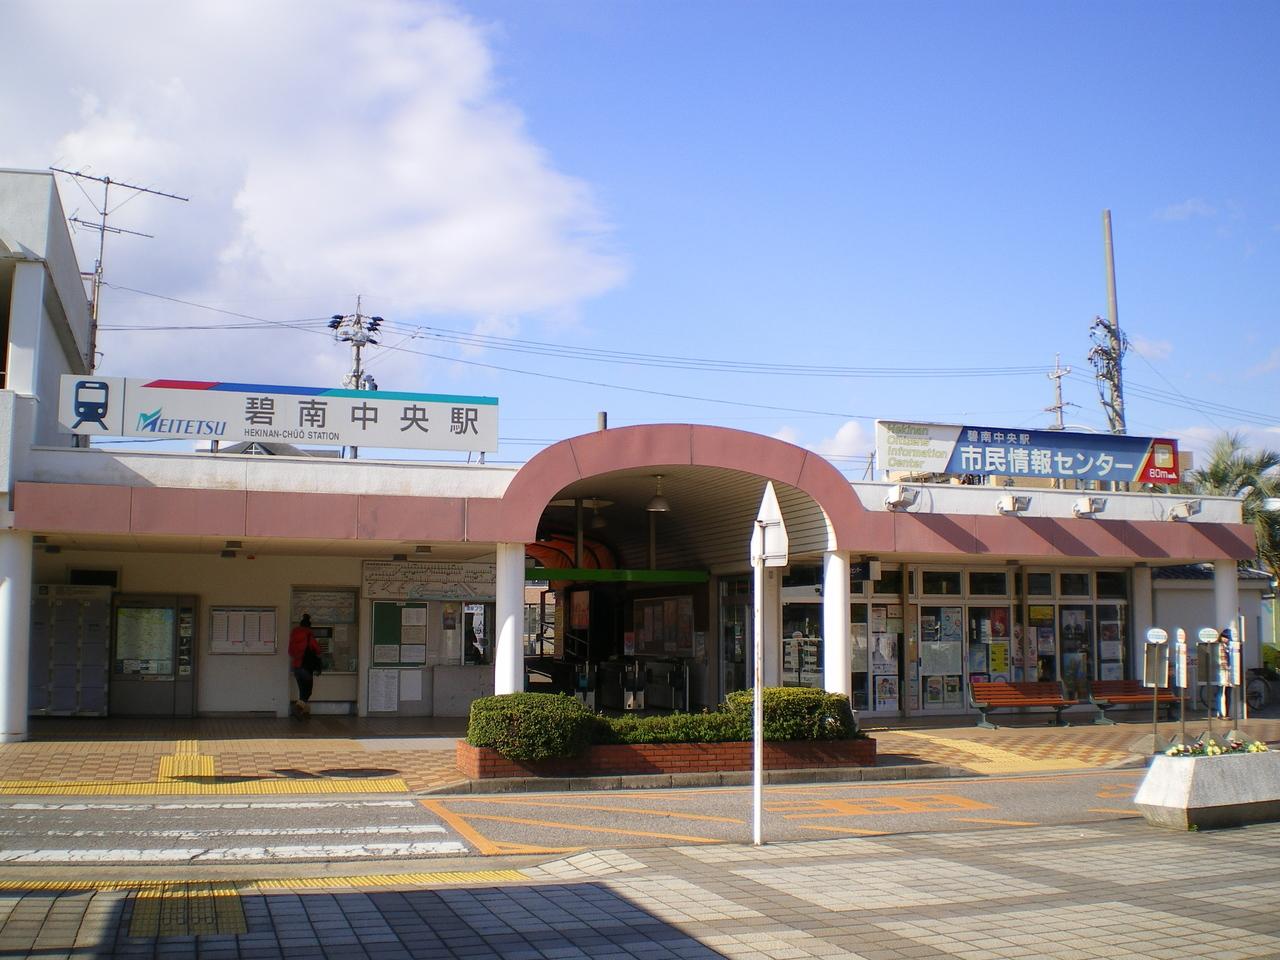 【駅】名鉄三河線 碧南中央駅